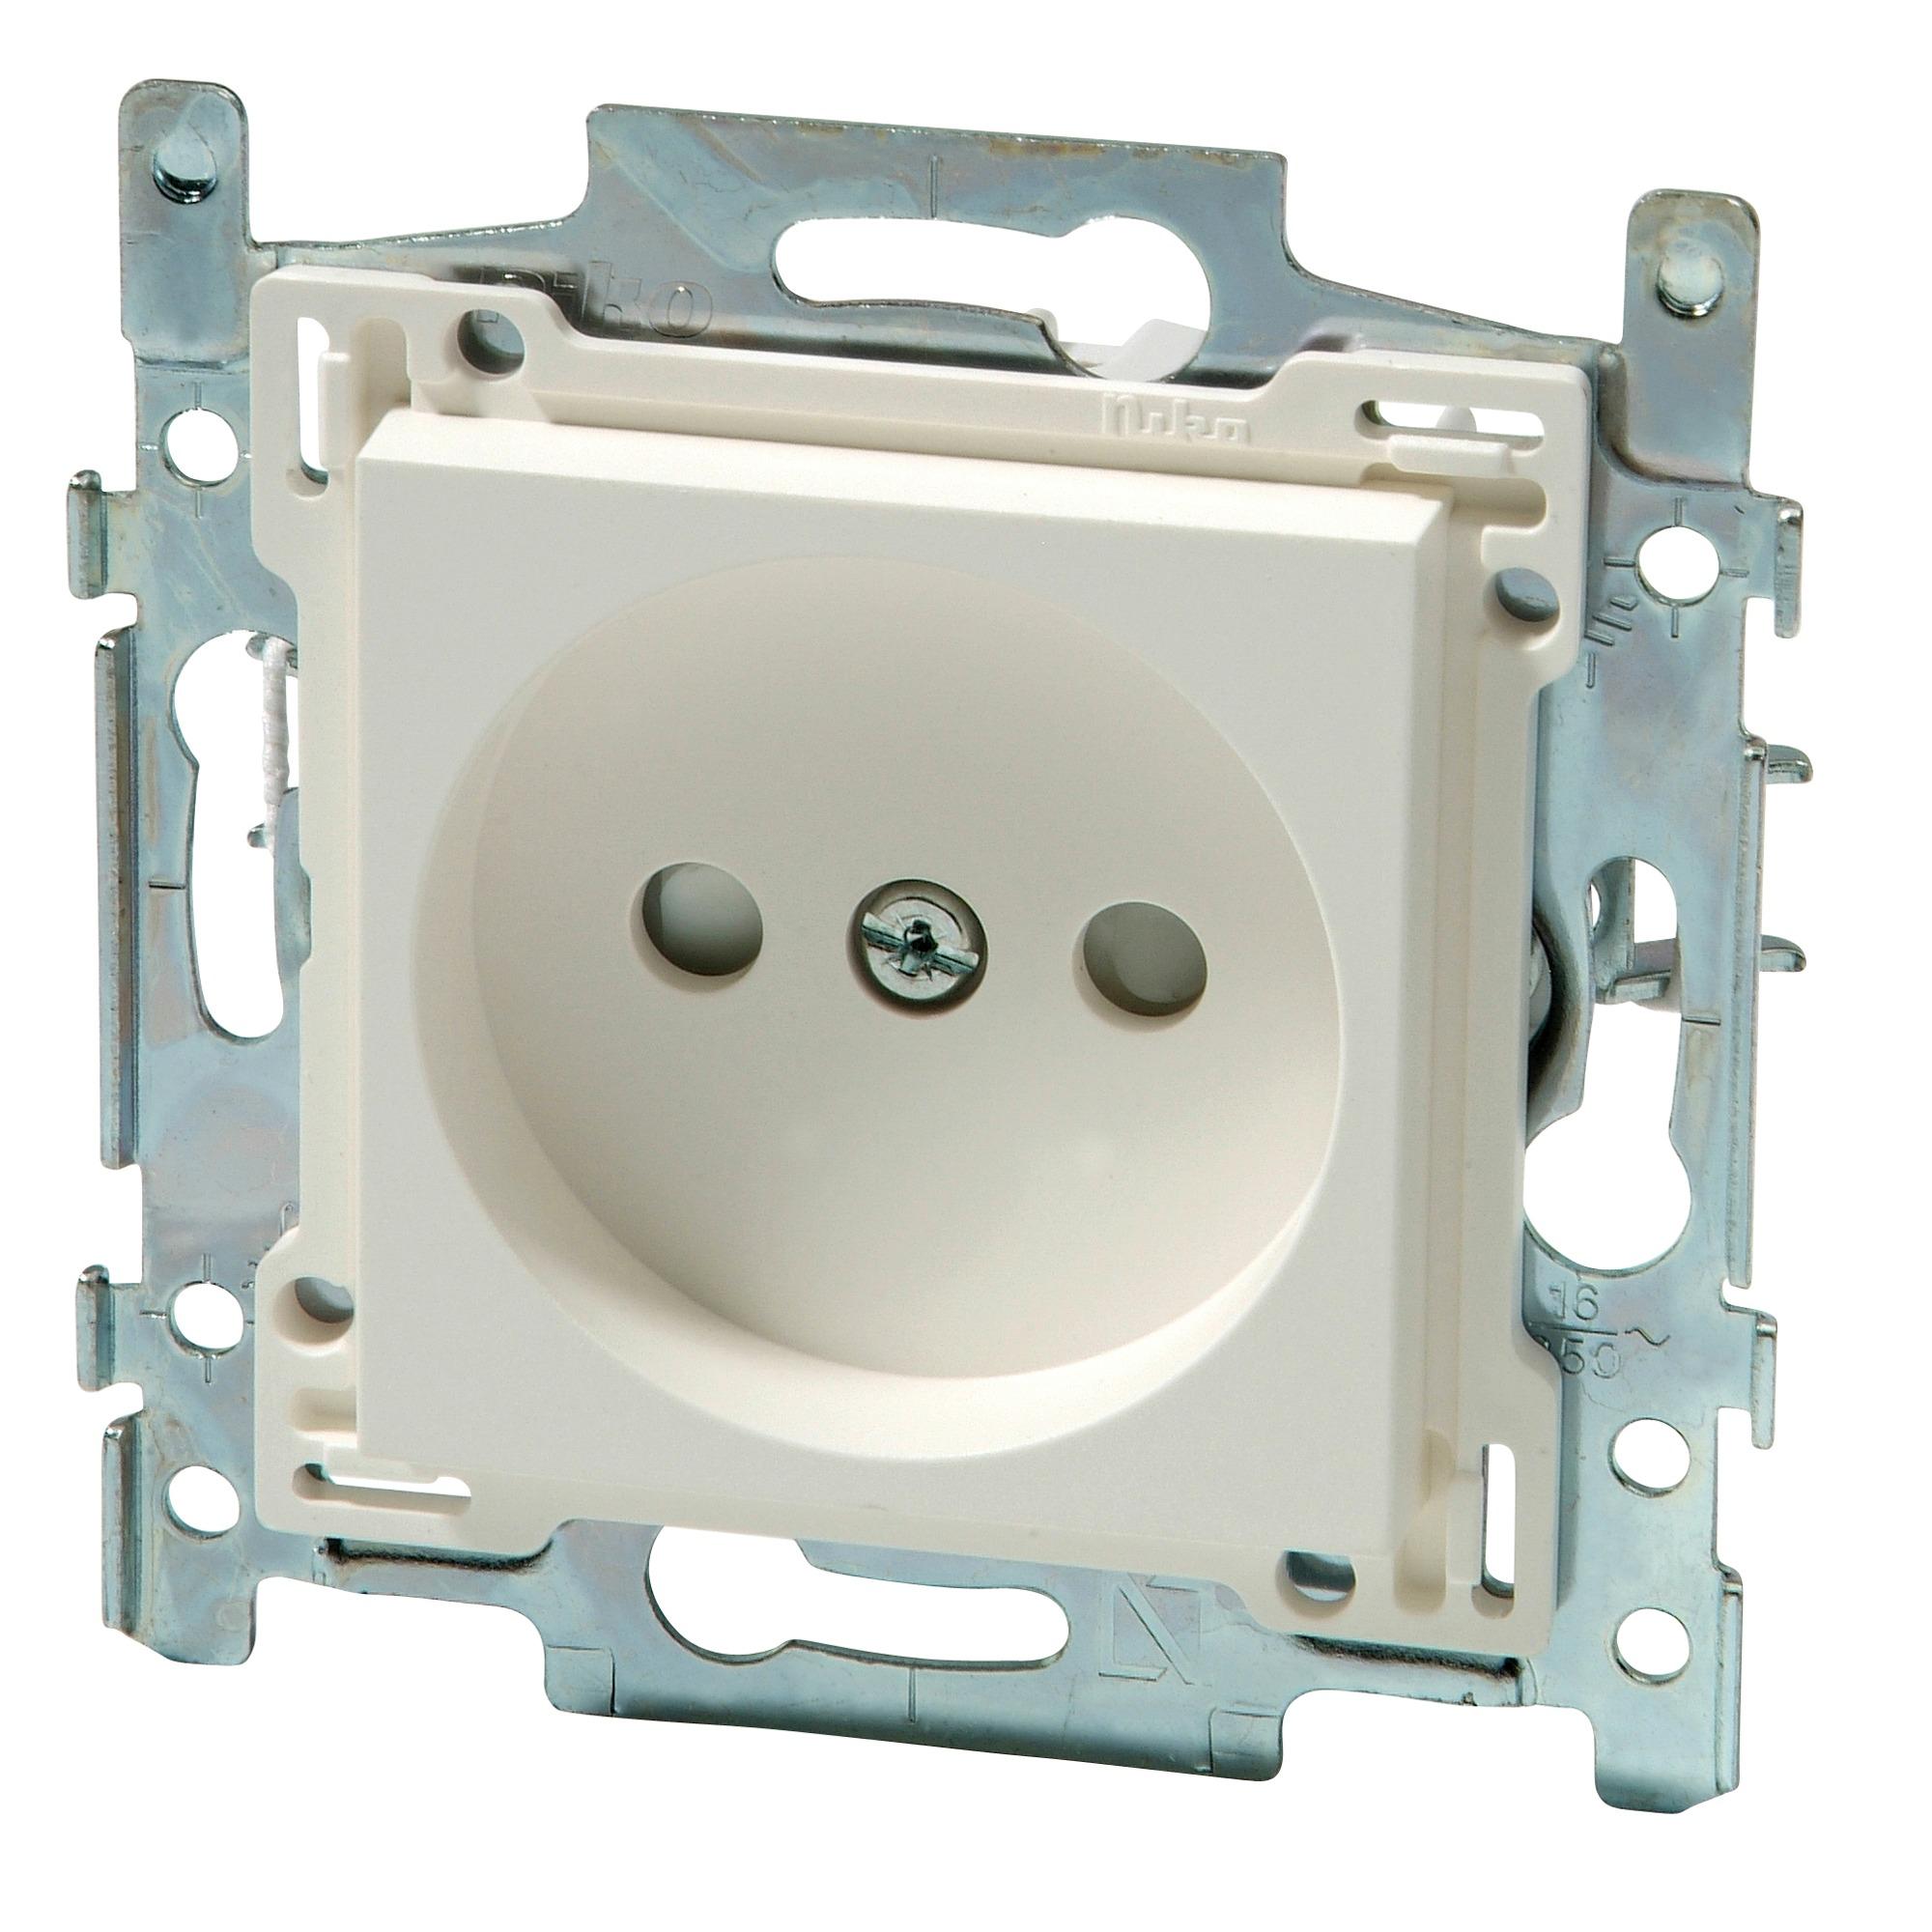 Niko stopcontact 2 polig zonder aarding 21 mm wit   Stopcontacten   Schakelmateriaal   Elektra